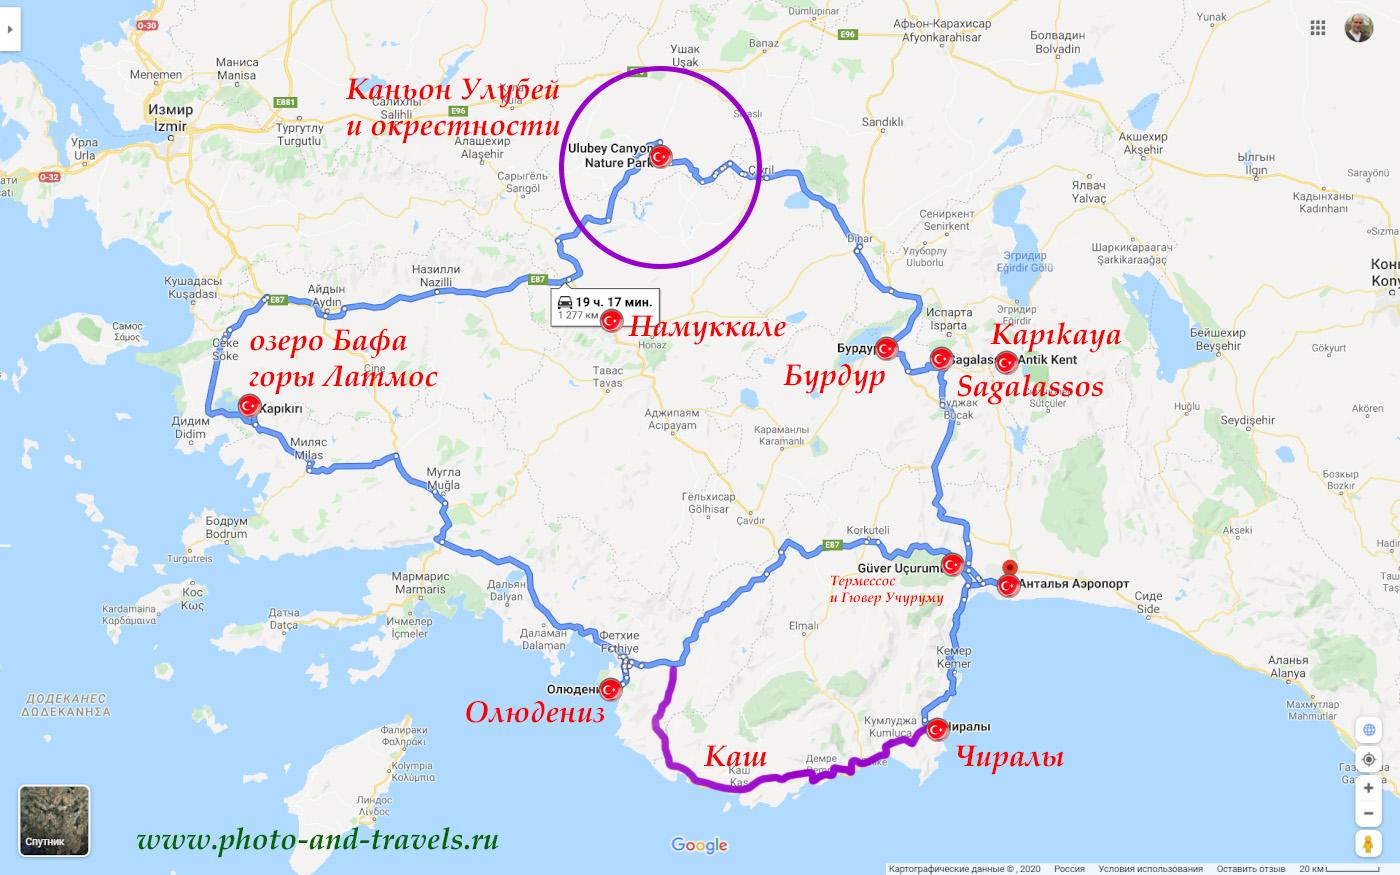 38. Карта маршрута путешествия на машине из Олюдениза, Анталии или Кемера в Памуккале и окрестности.